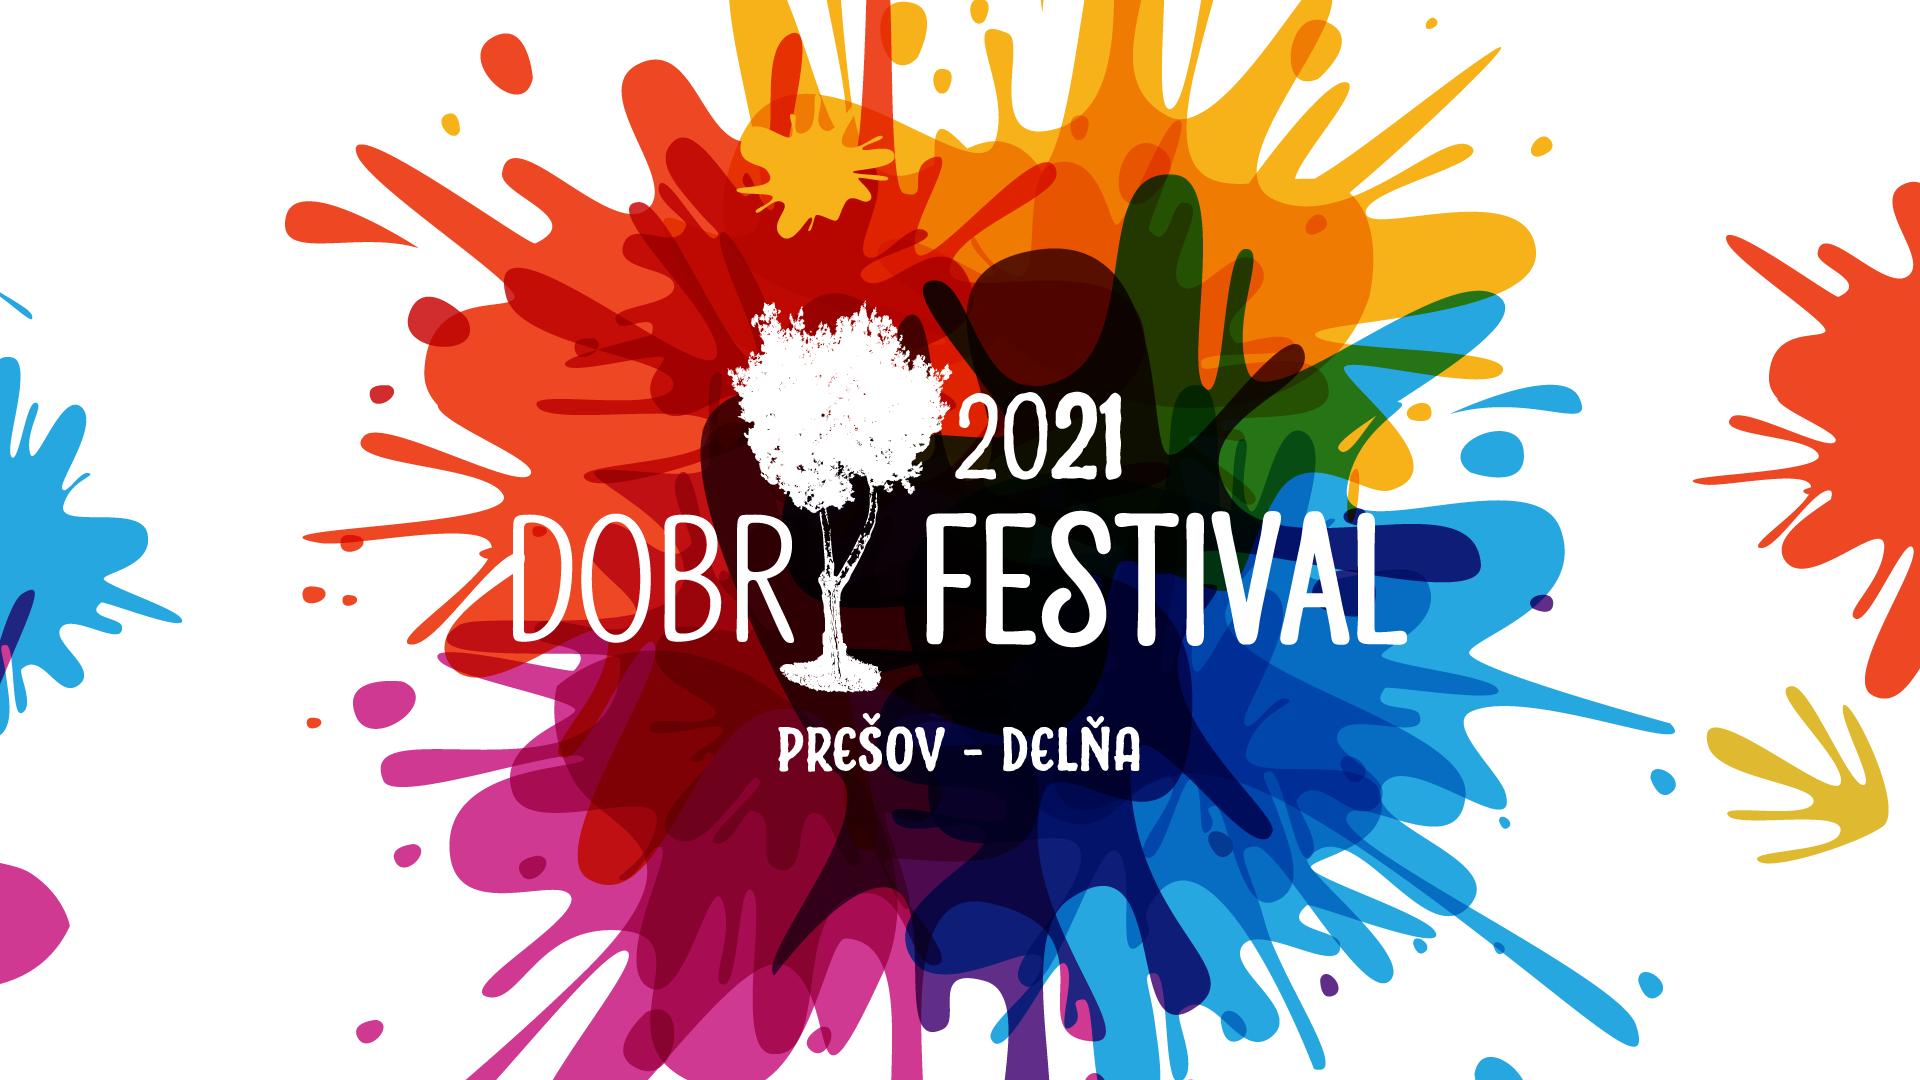 Dobrý Festival 2021